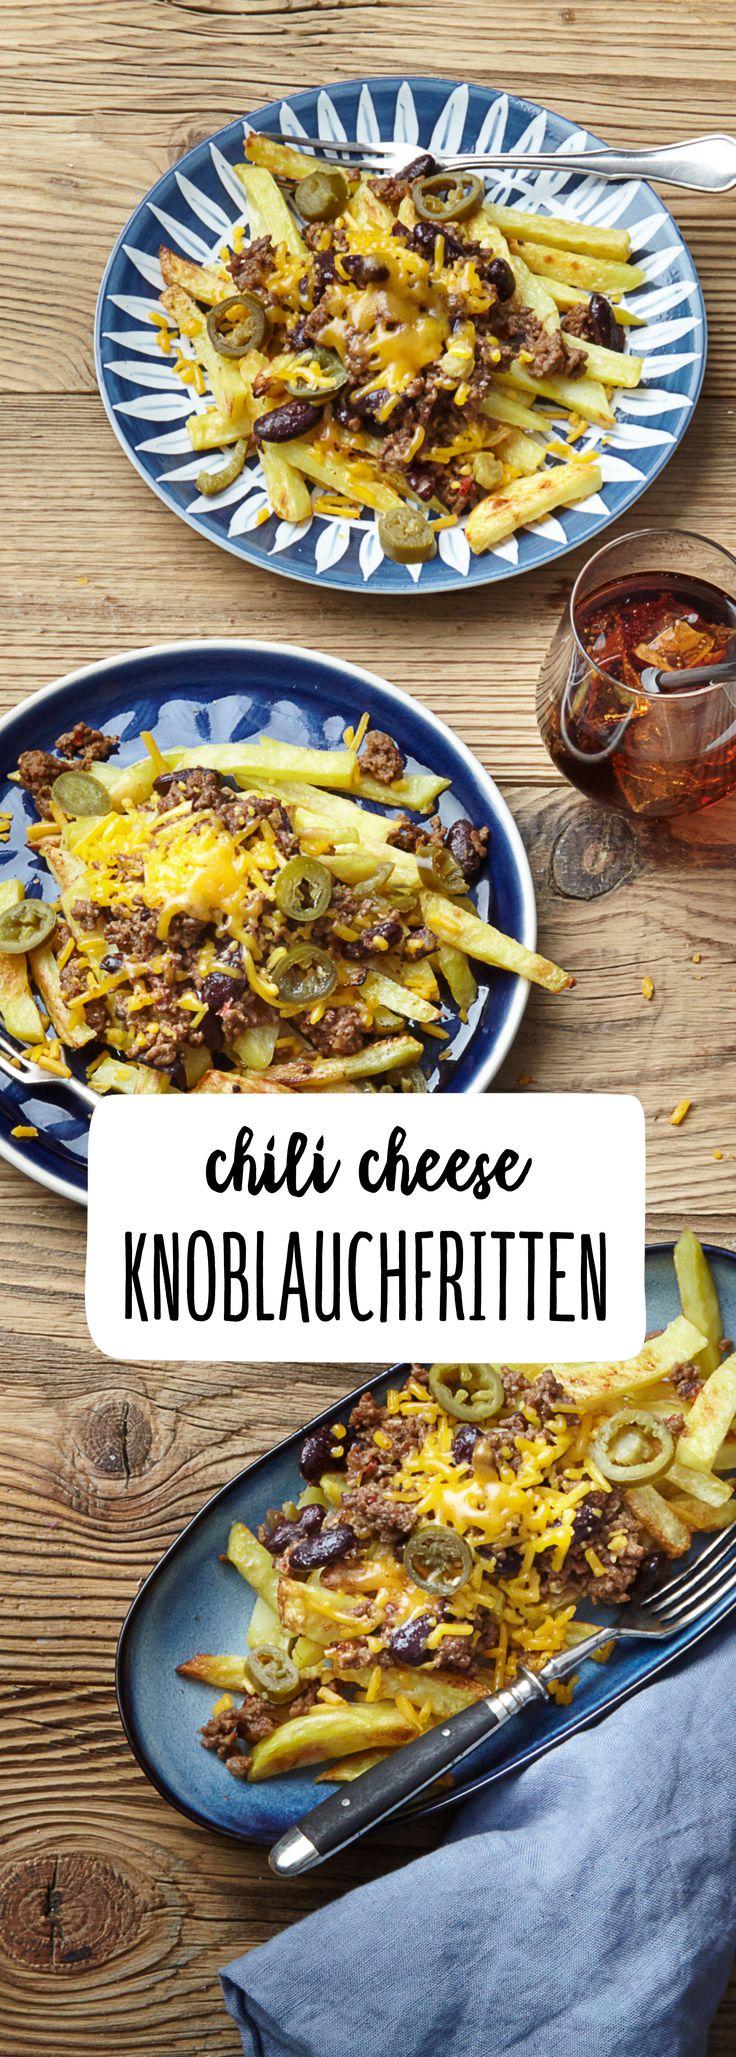 39 best Gruß aus der Küche images on Pinterest   Avocado, Chili und ...